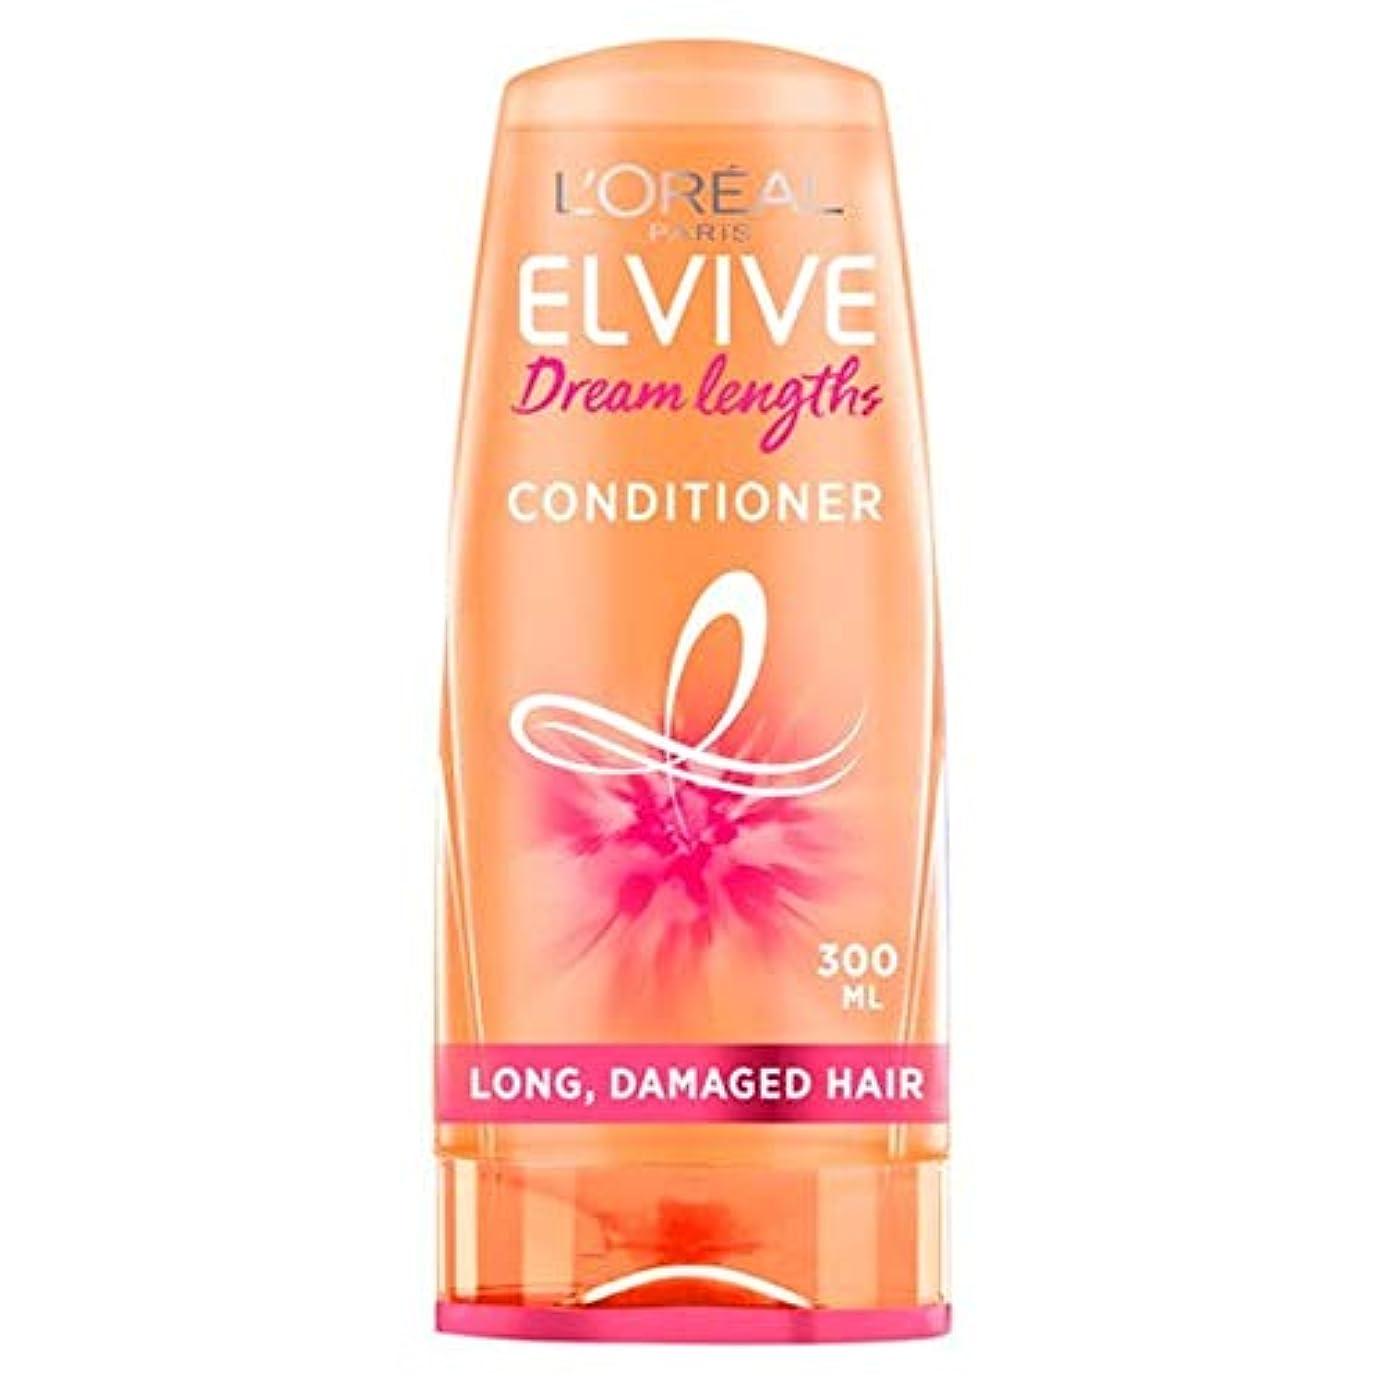 割り当てフォローより多い[Elvive] ロレアルはElvive長ヘアコンディショナー300ミリリットルの夢 - L'oreal Elvive Dream Lengths Hair Conditioner 300Ml [並行輸入品]